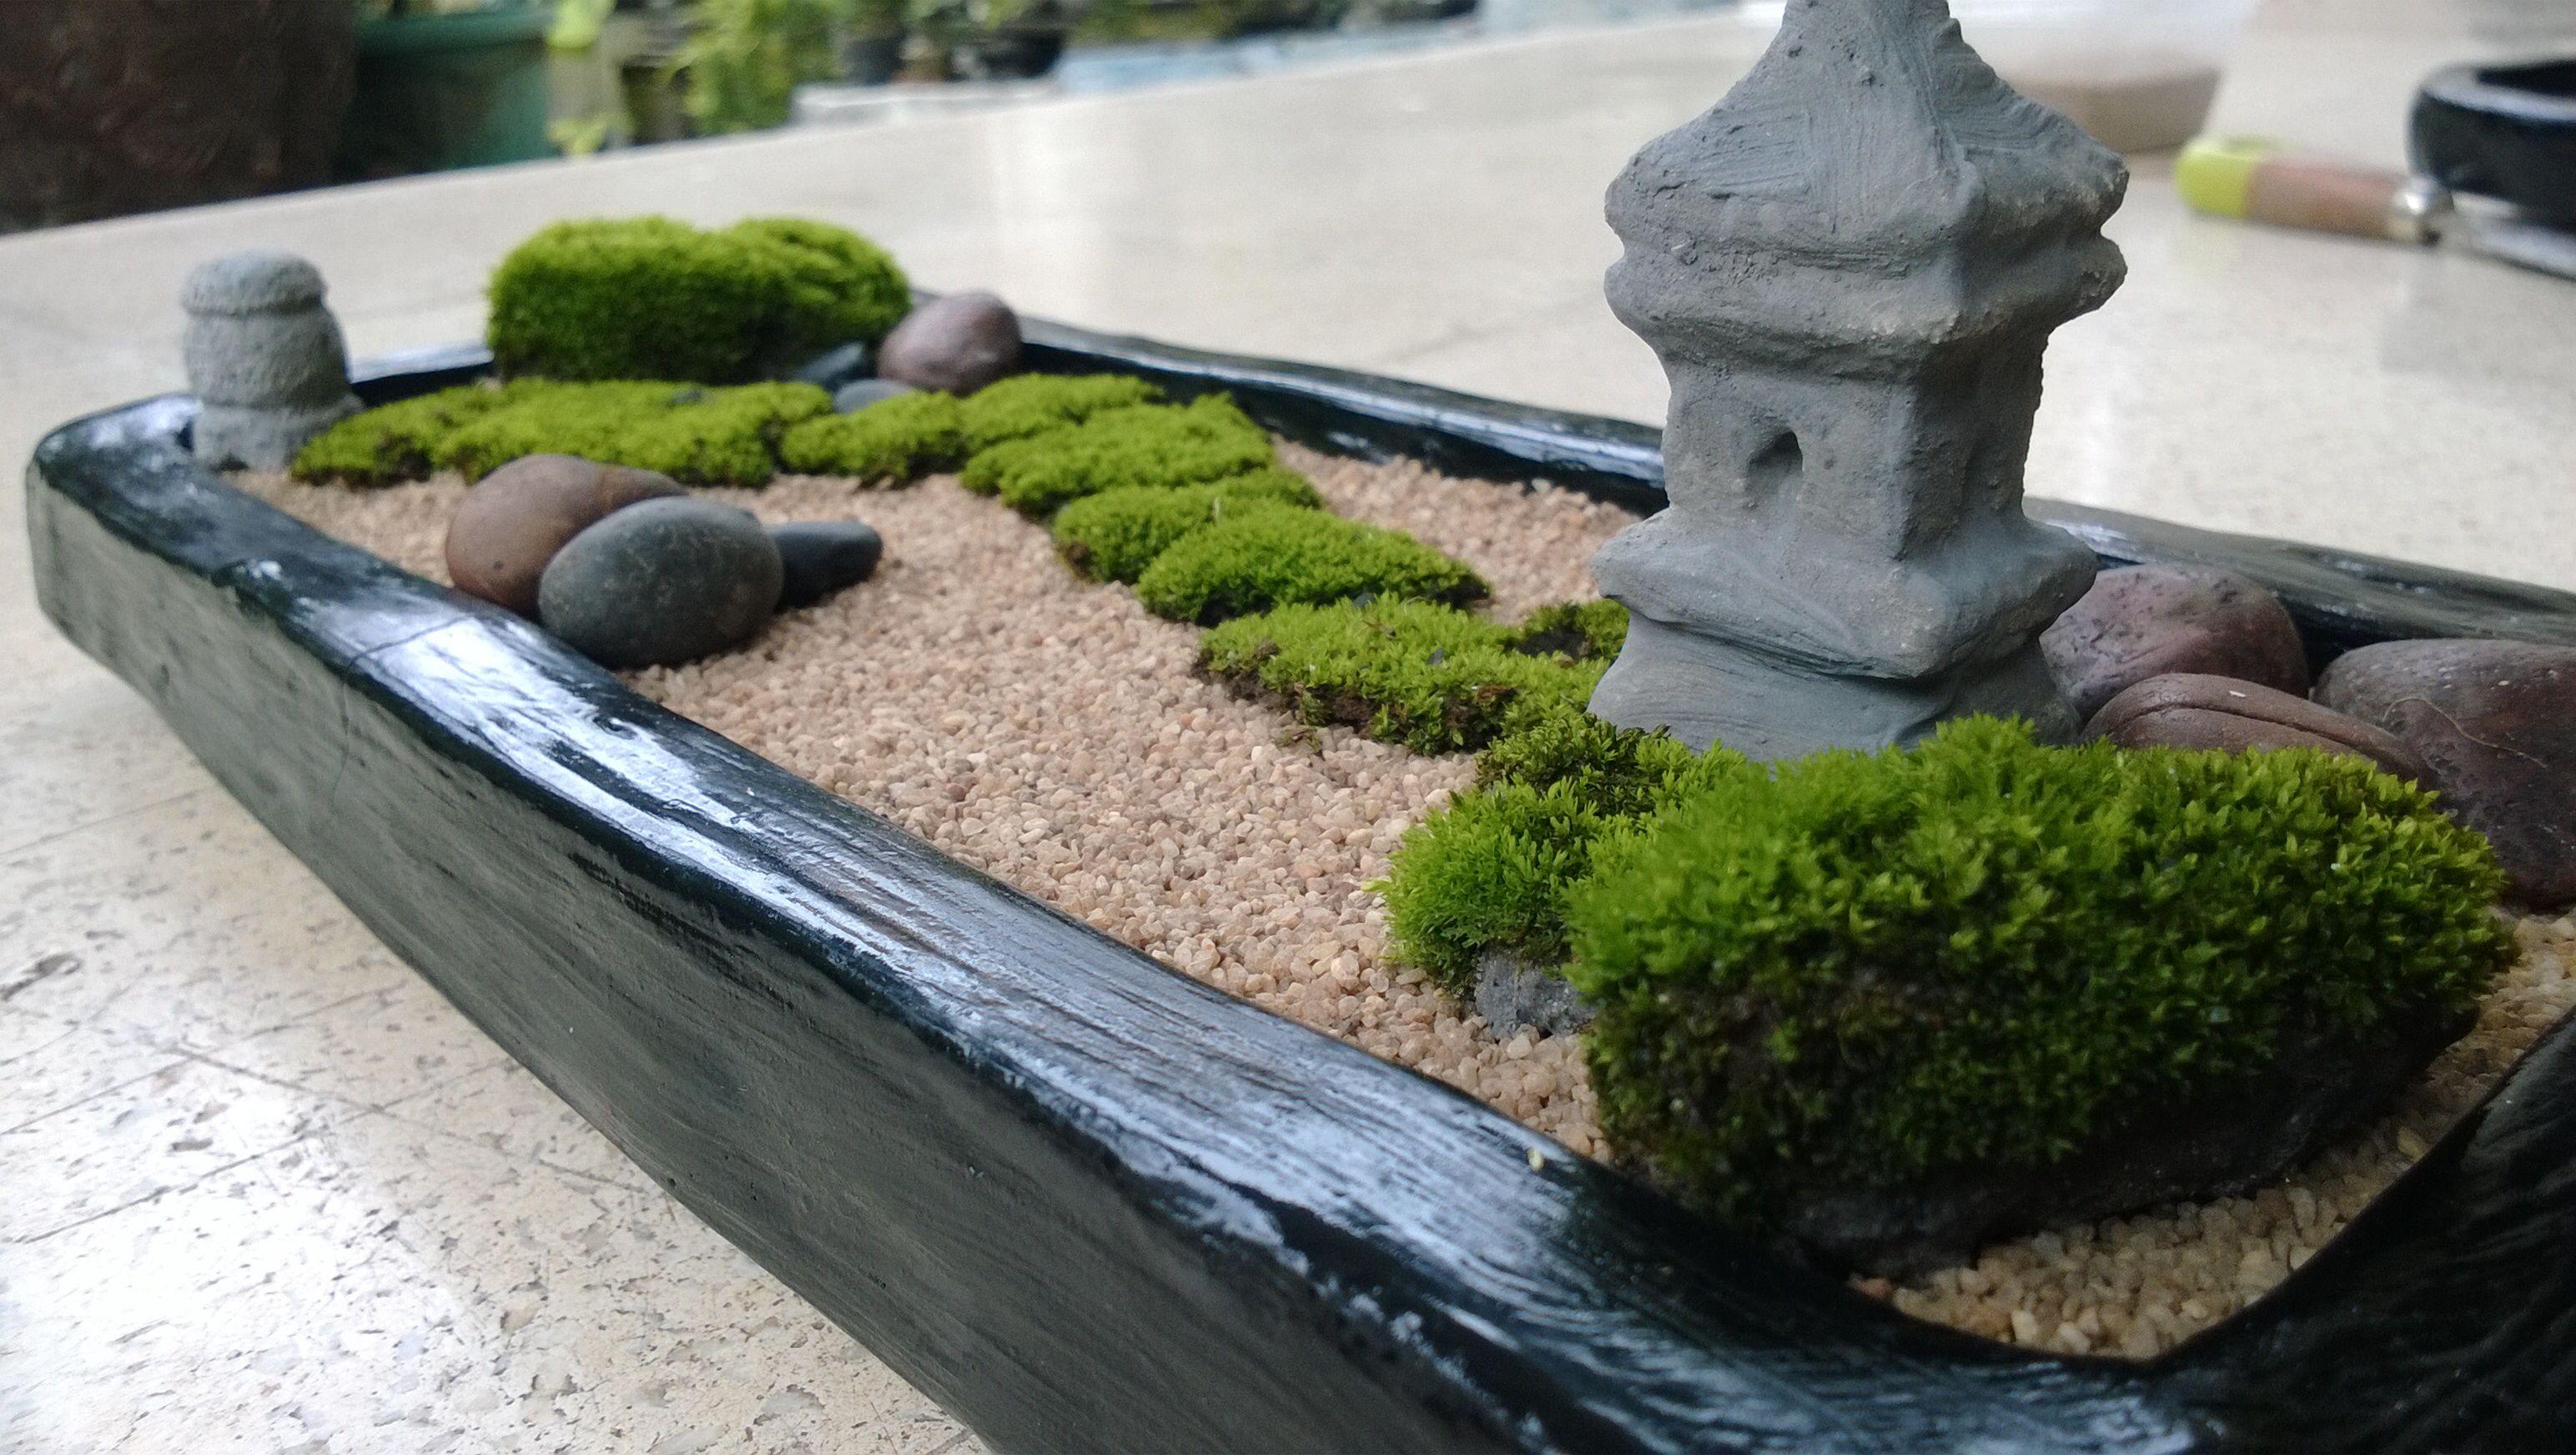 Diy Your Own Mini Zen Garden Absolutely Love The Moss I Neeeed A Zen Garden V 2020 G Sady V Stile Dzen Miniatyurnyj Sad Sadovye Podelki